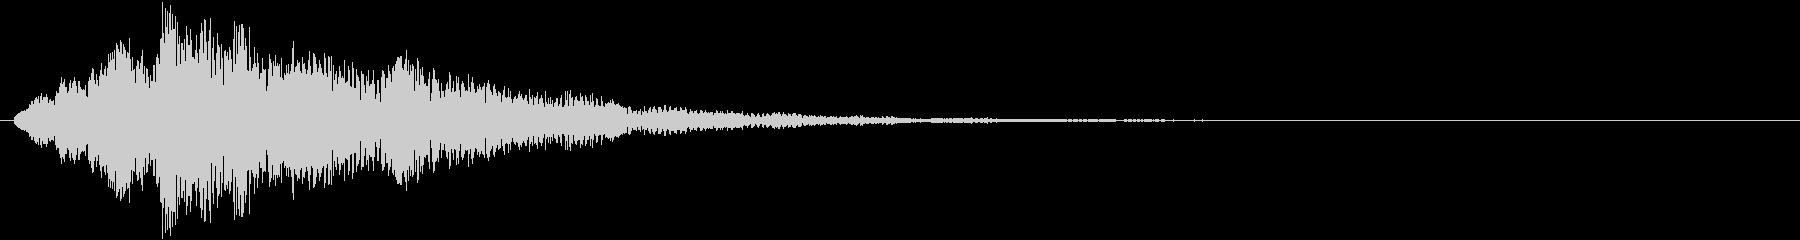 ティロリリン(決定、ゲーム、アプリ)の未再生の波形